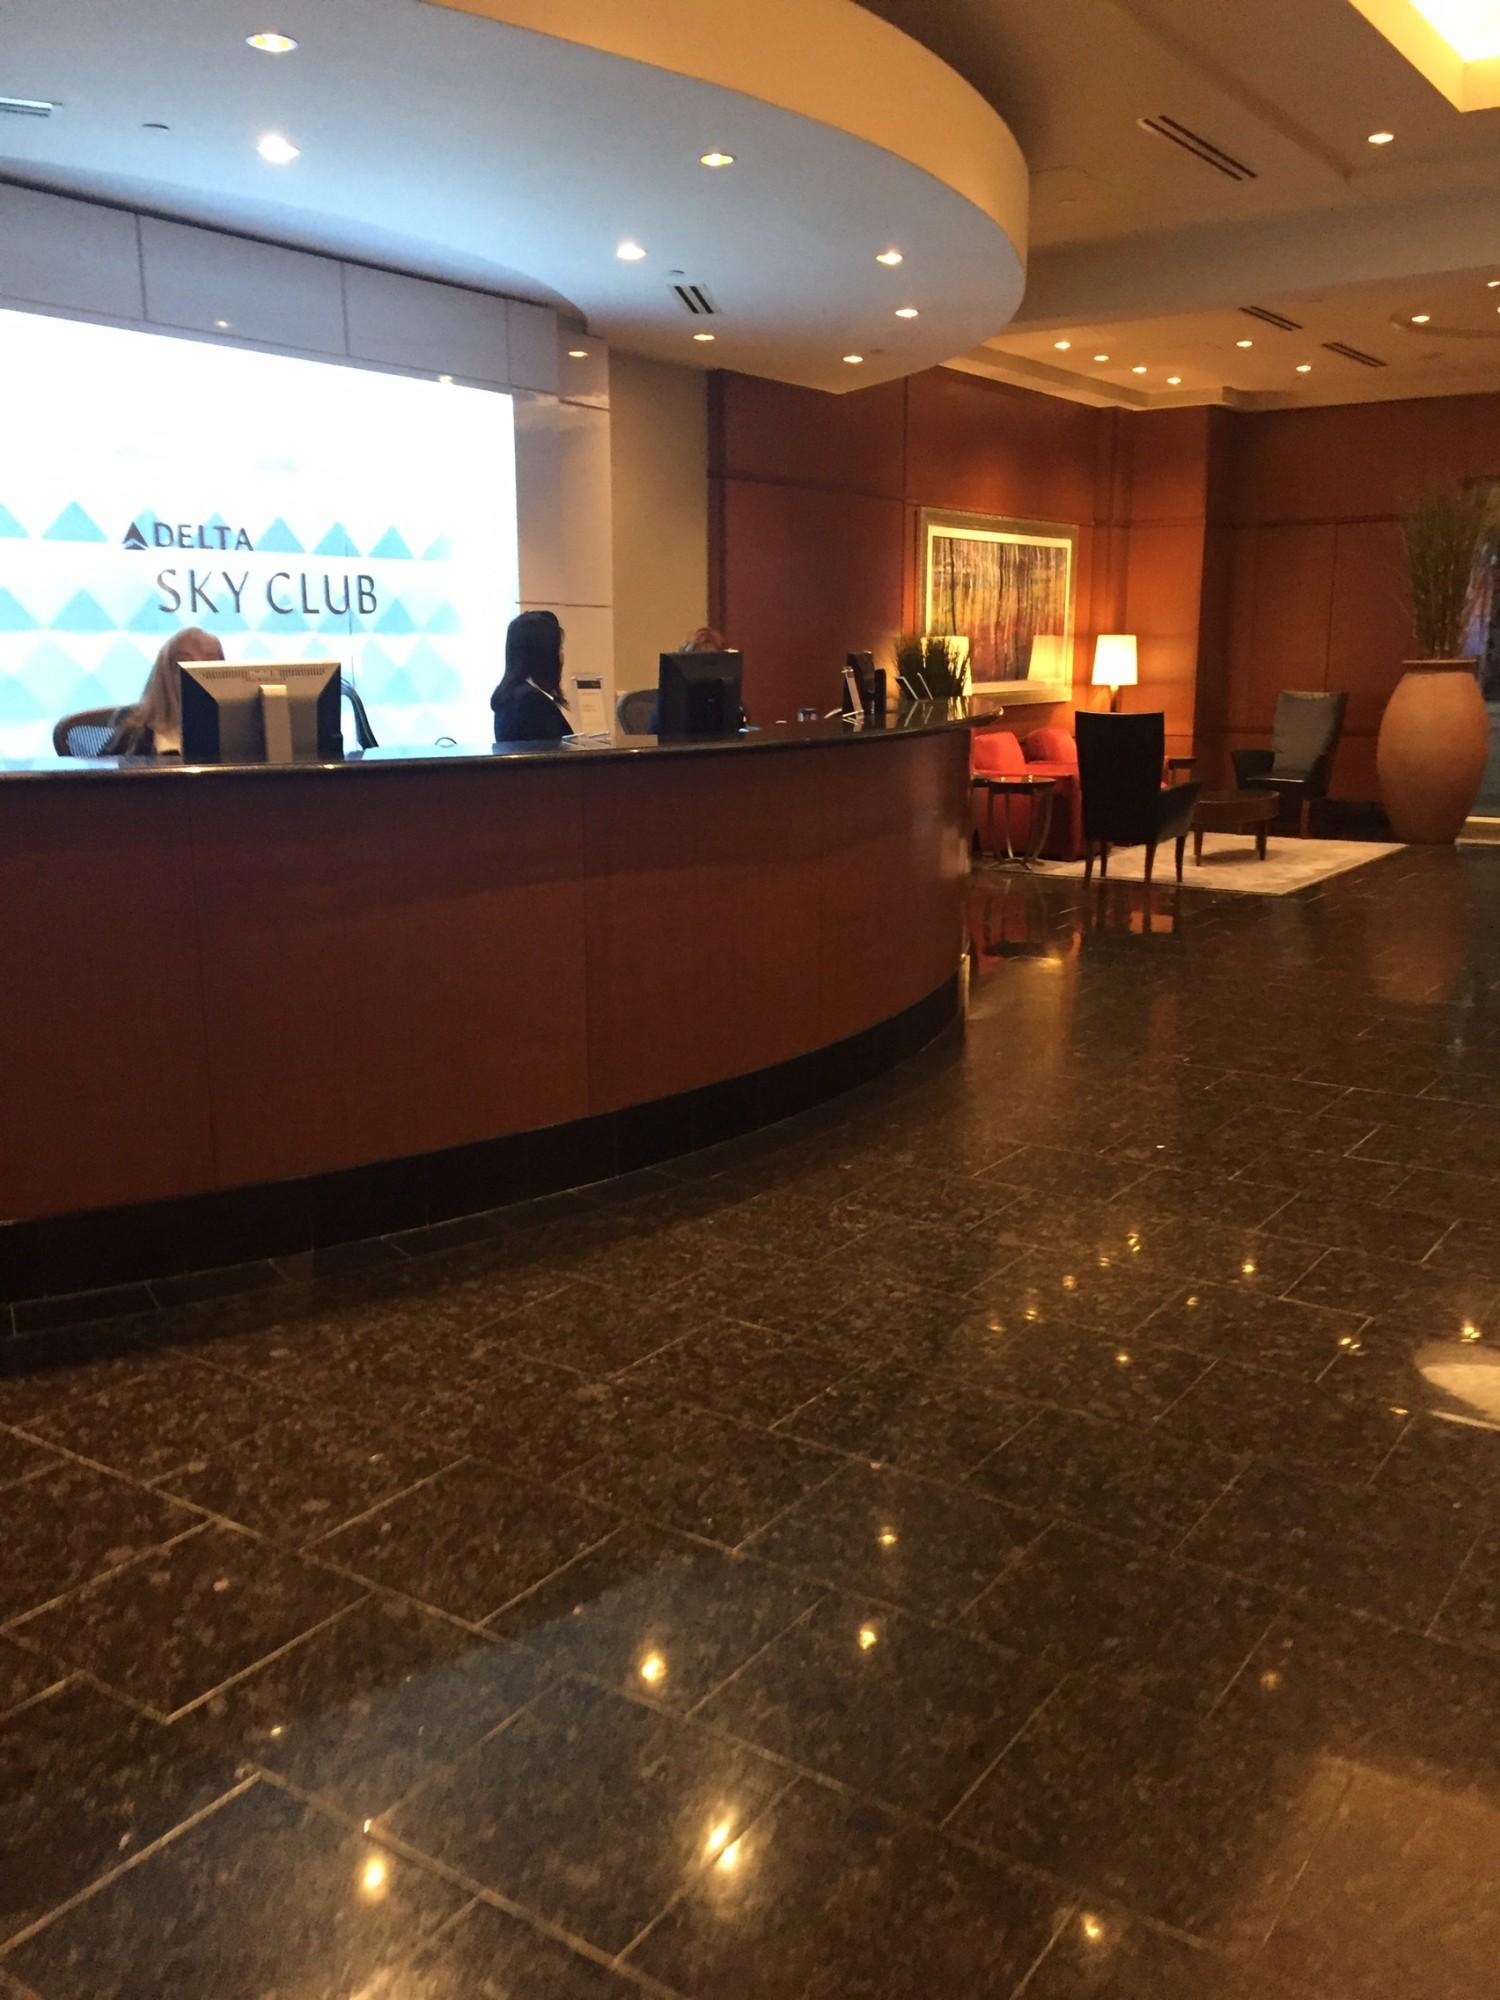 Dtw Delta Air Lines Delta Sky Club Gate A38 Reviews